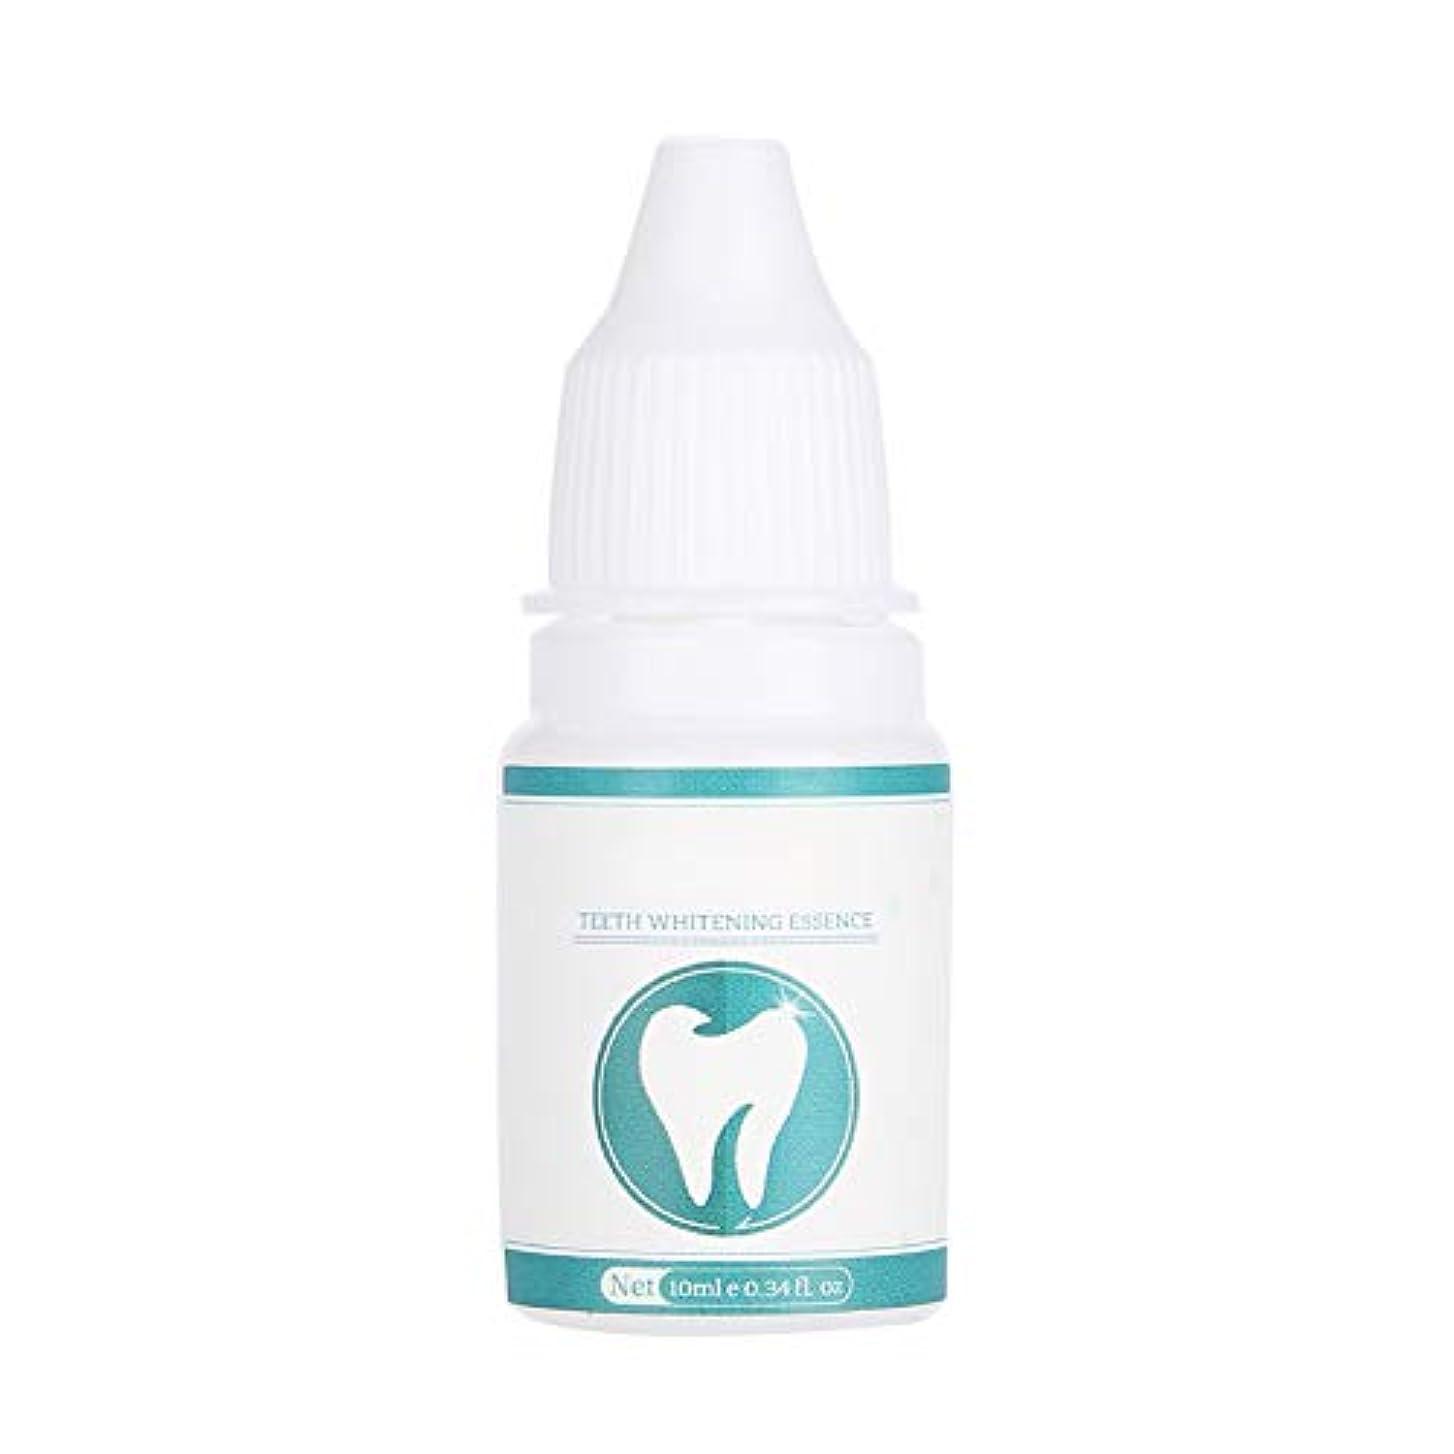 版制限された台無しに歯のホワイトニングエッセンス10ml歯のホワイトニングエッセンスパウダー口腔衛生クリーニングプラーク汚れ除去